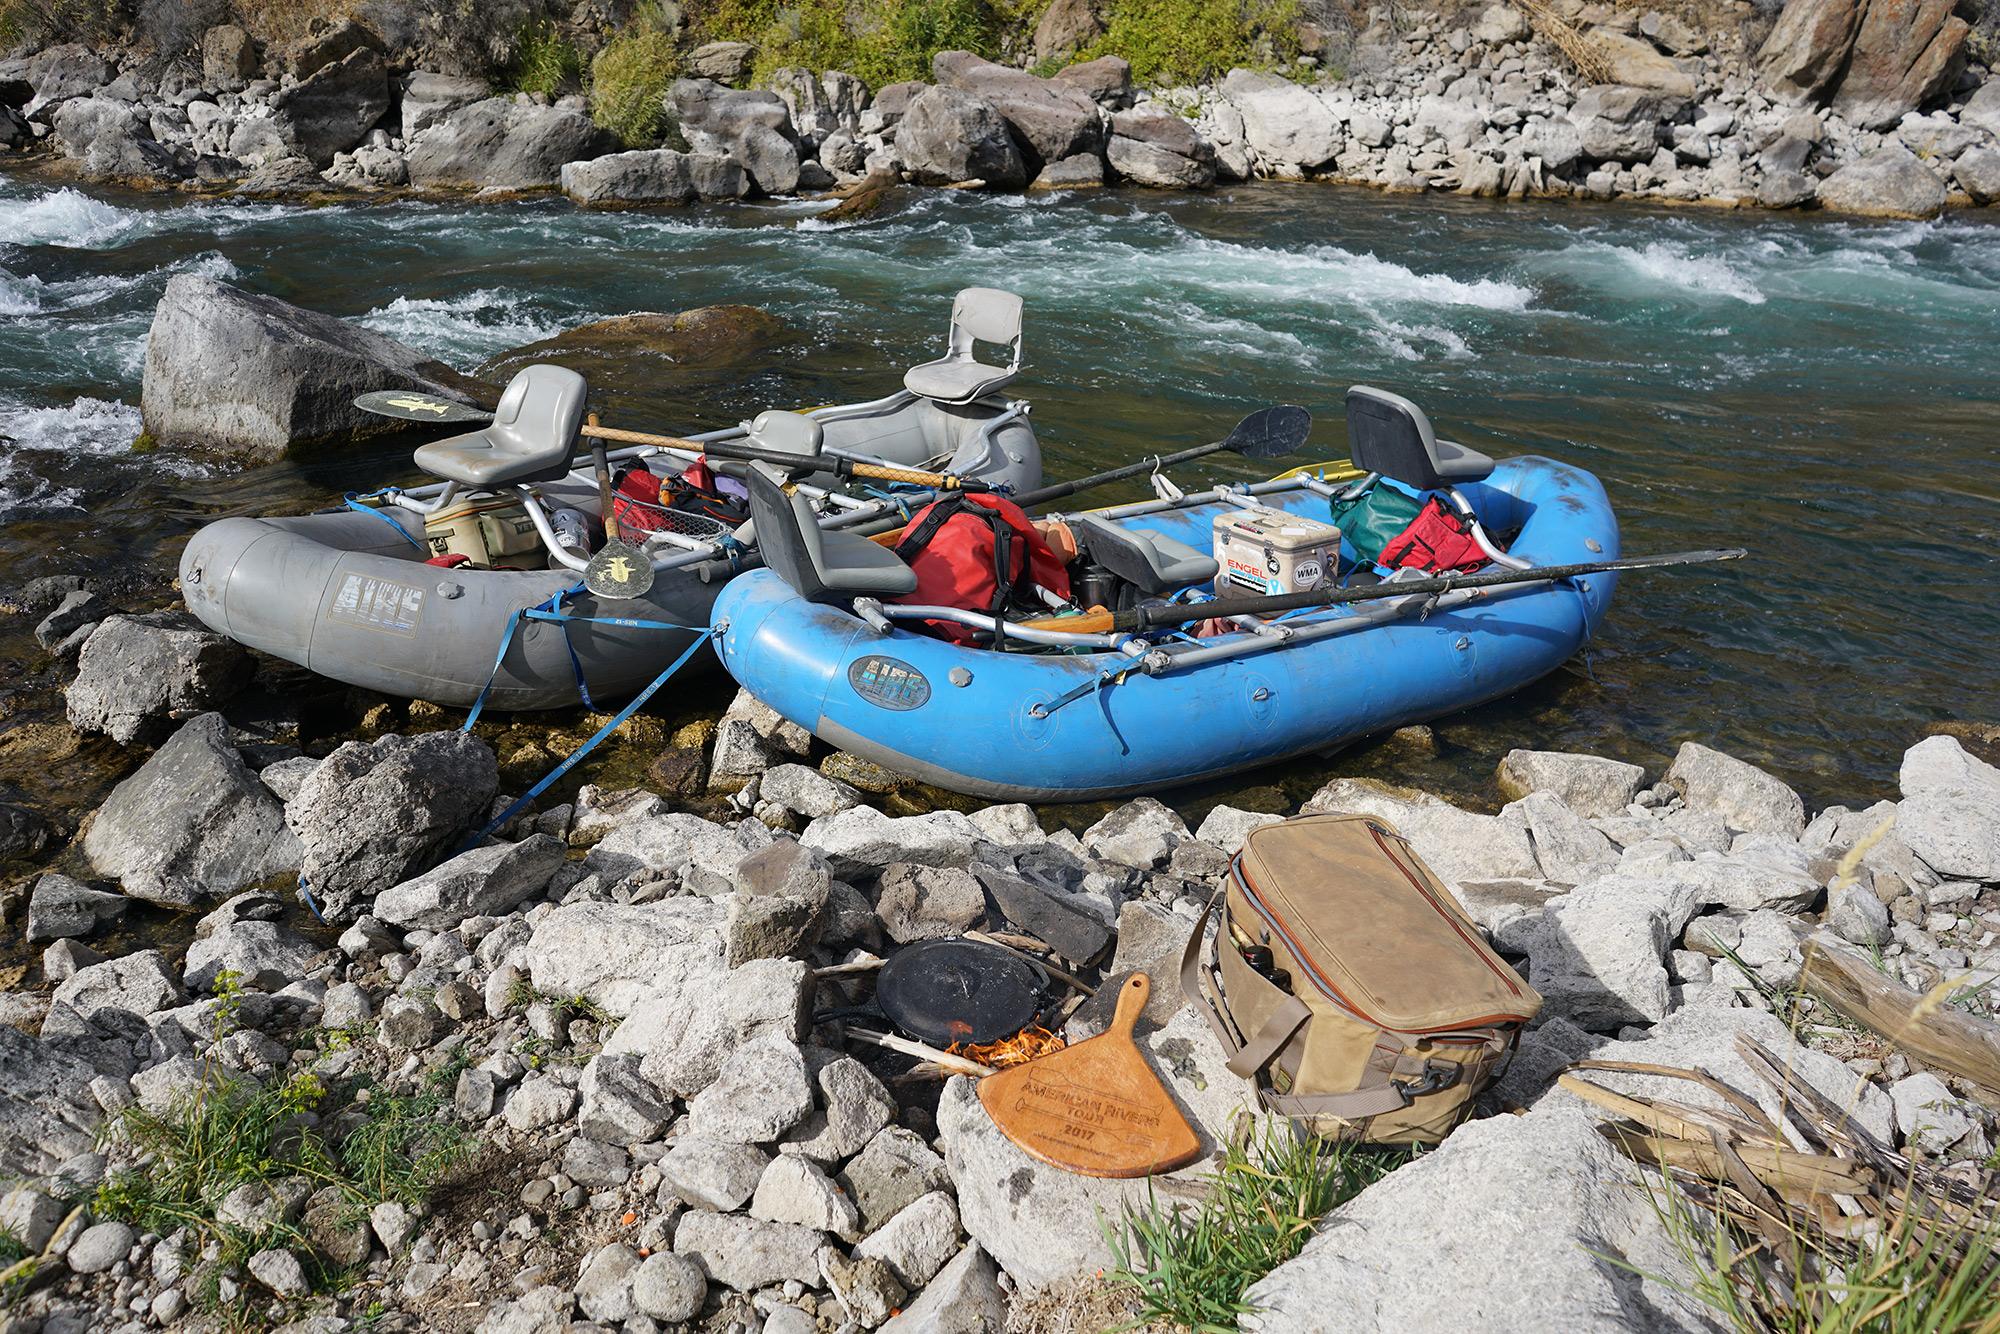 Break for a Teton River side lunch